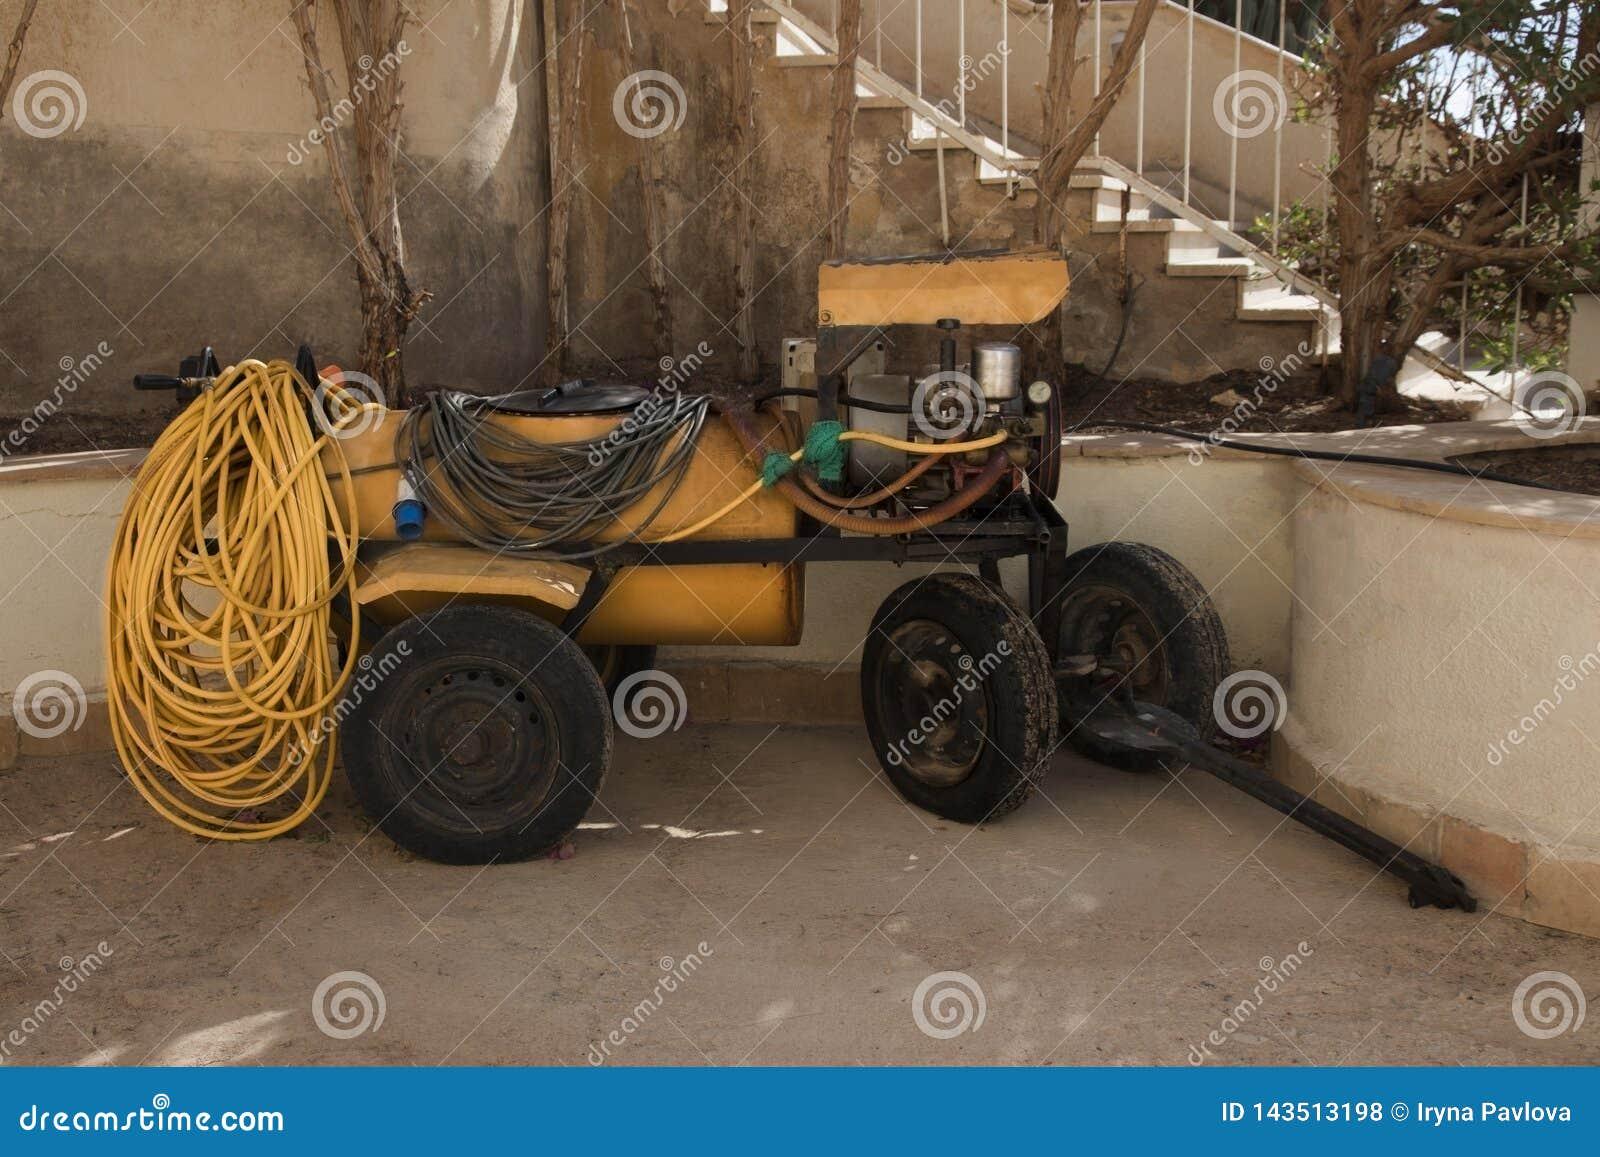 Anhänger zum Traktor auf Rädern mit einem landwirtschaftlichen Sprüher